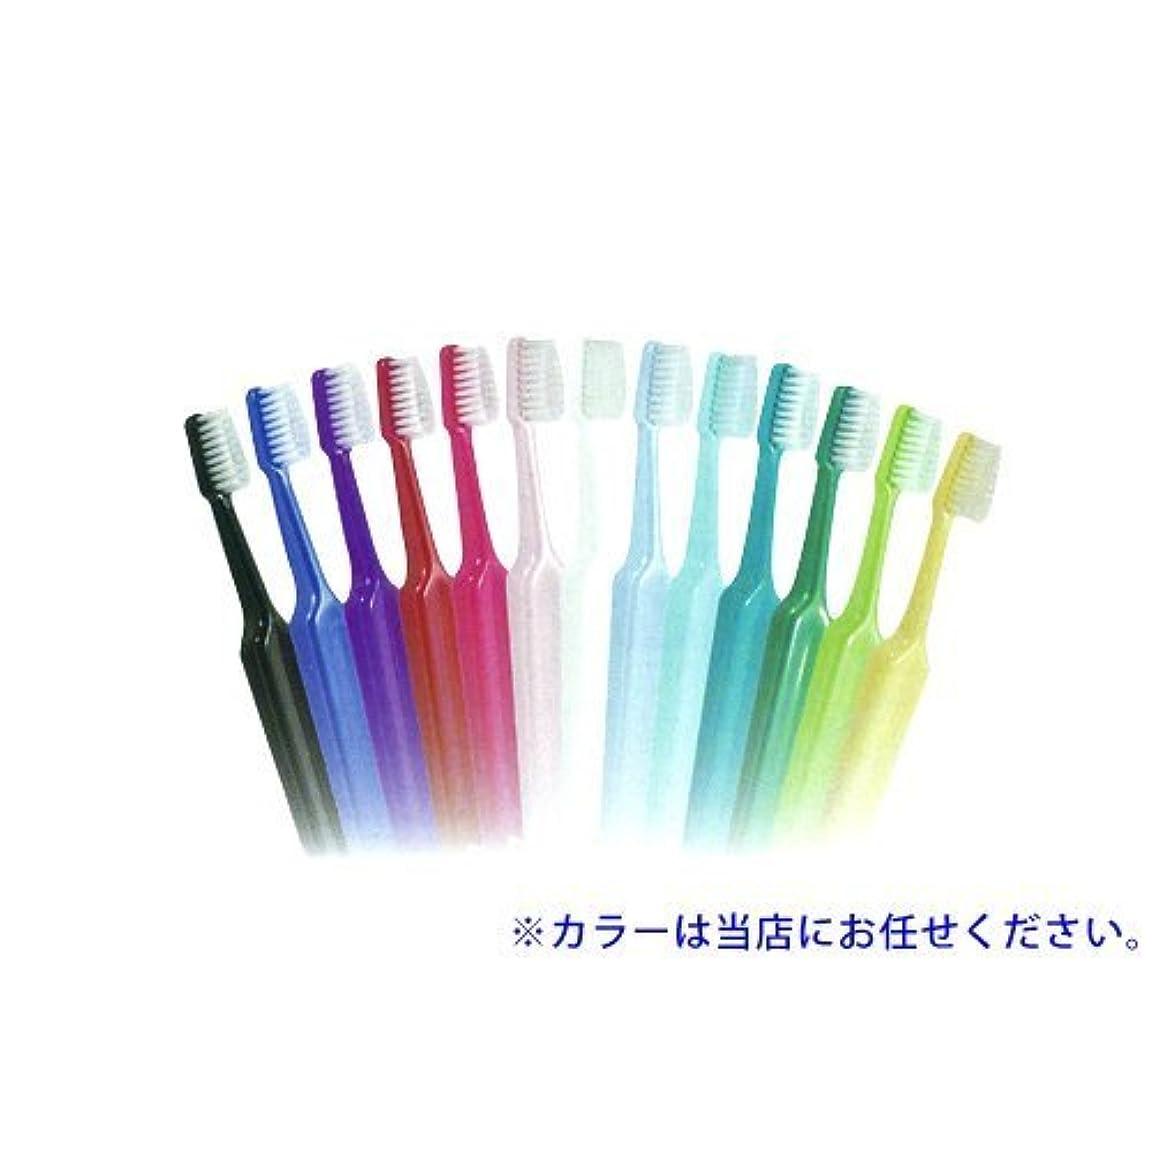 平手打ち通り抜ける剛性Tepe歯ブラシ セレクトミニ/エクストラソフト 25本/箱